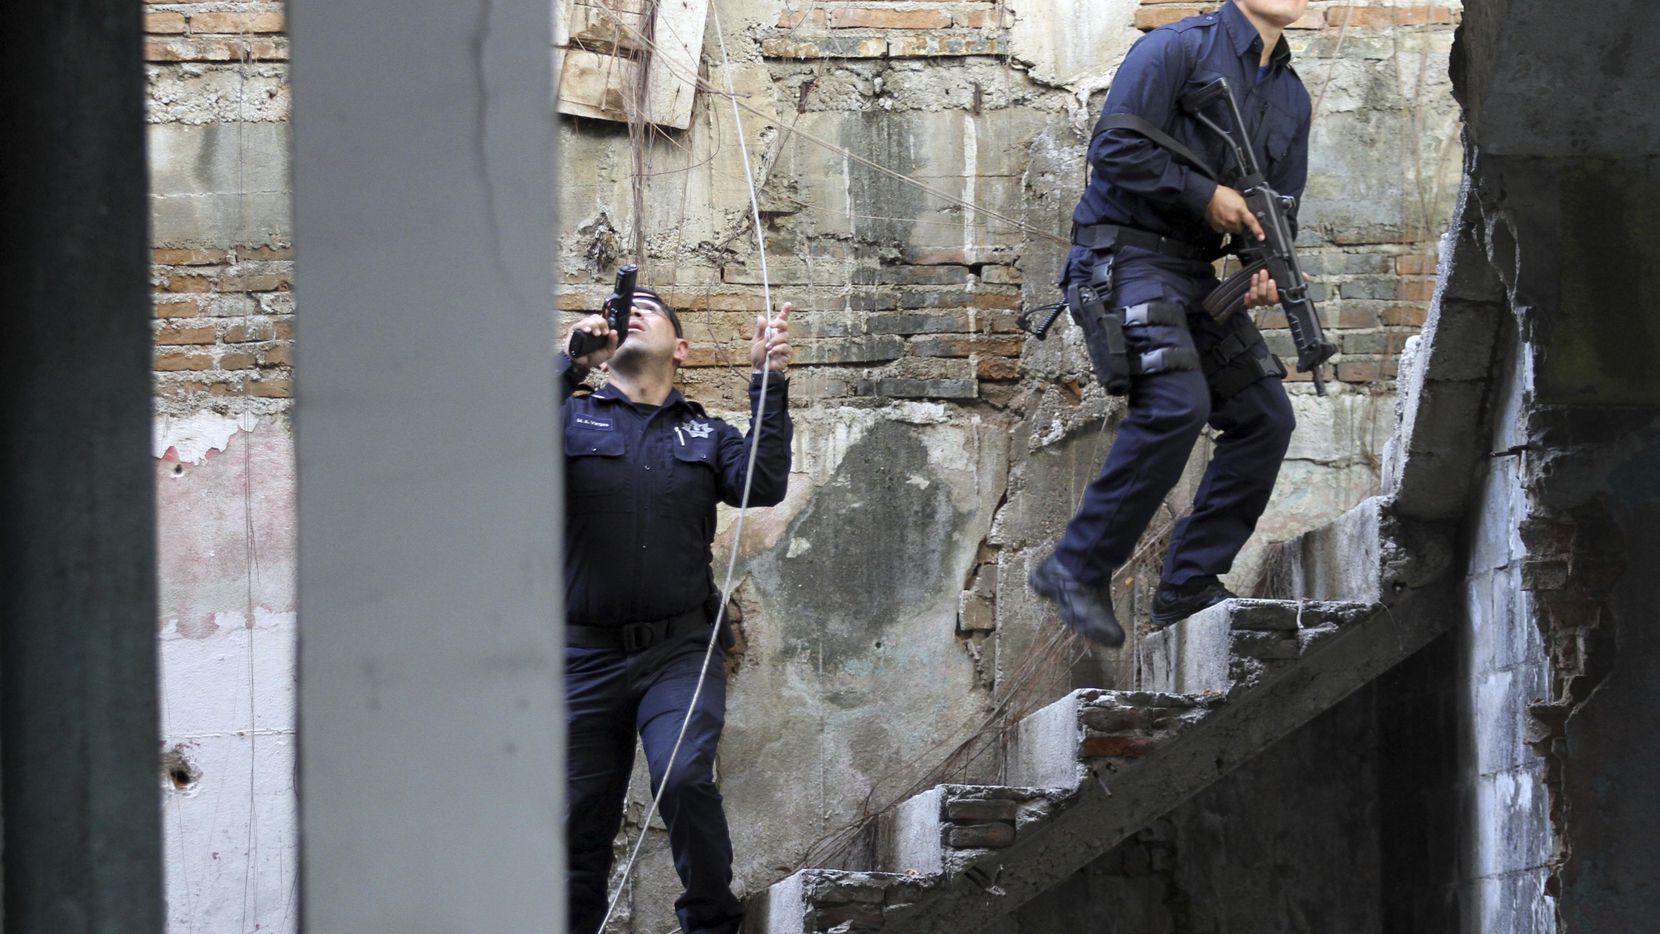 Imagen de archivo de un operativo de la policía federal de México en Acapulco en enero de 2019. (AP/Bernardino Hernandez)